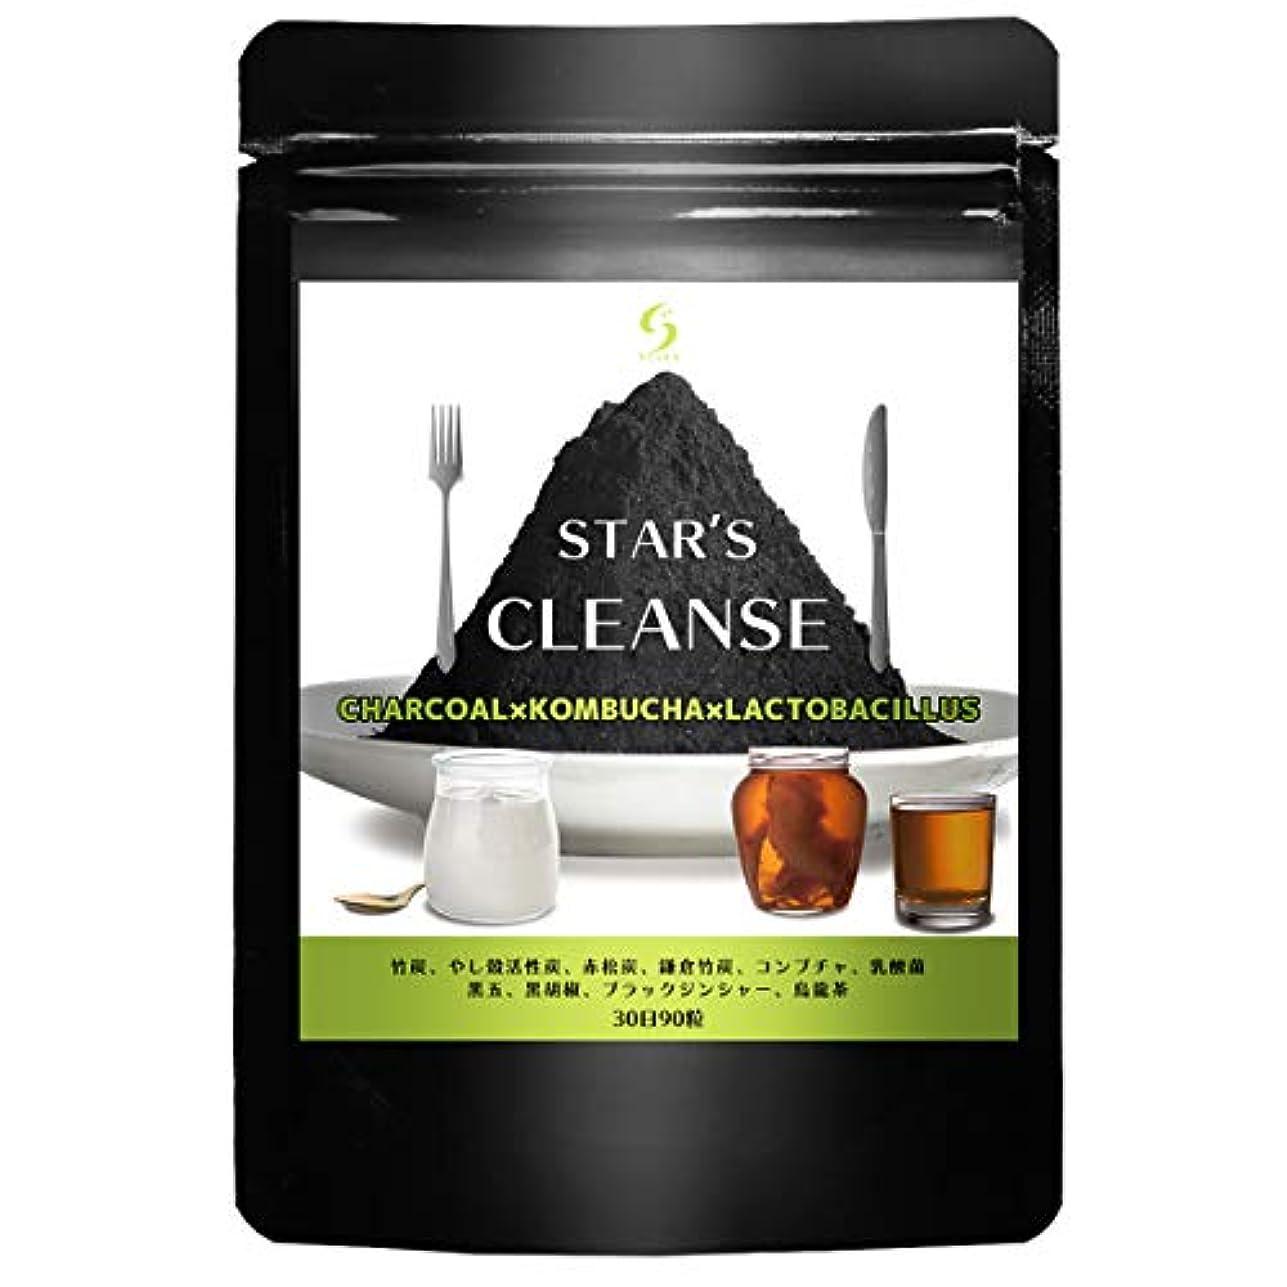 仕方店主従事したスターズクレンズ 炭ダイエット サプリ コンブチャ 乳酸菌 チャコール サプリメント 90粒30日分